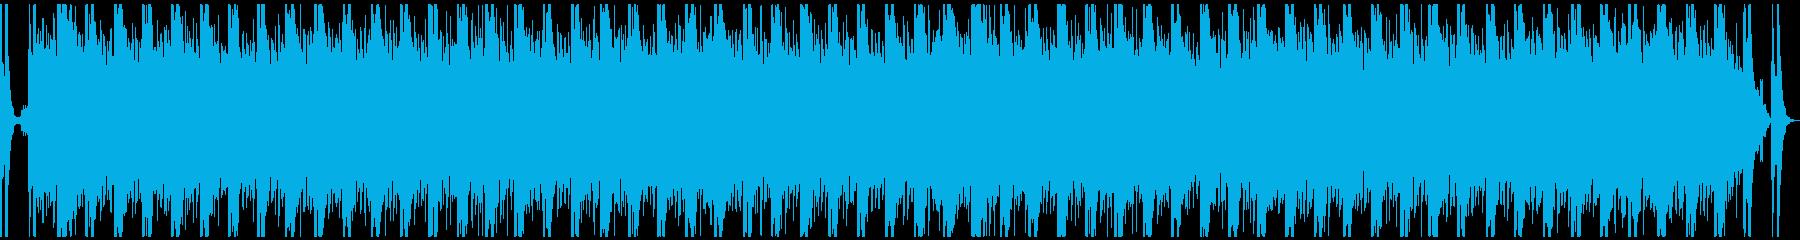 思案するホラーの再生済みの波形